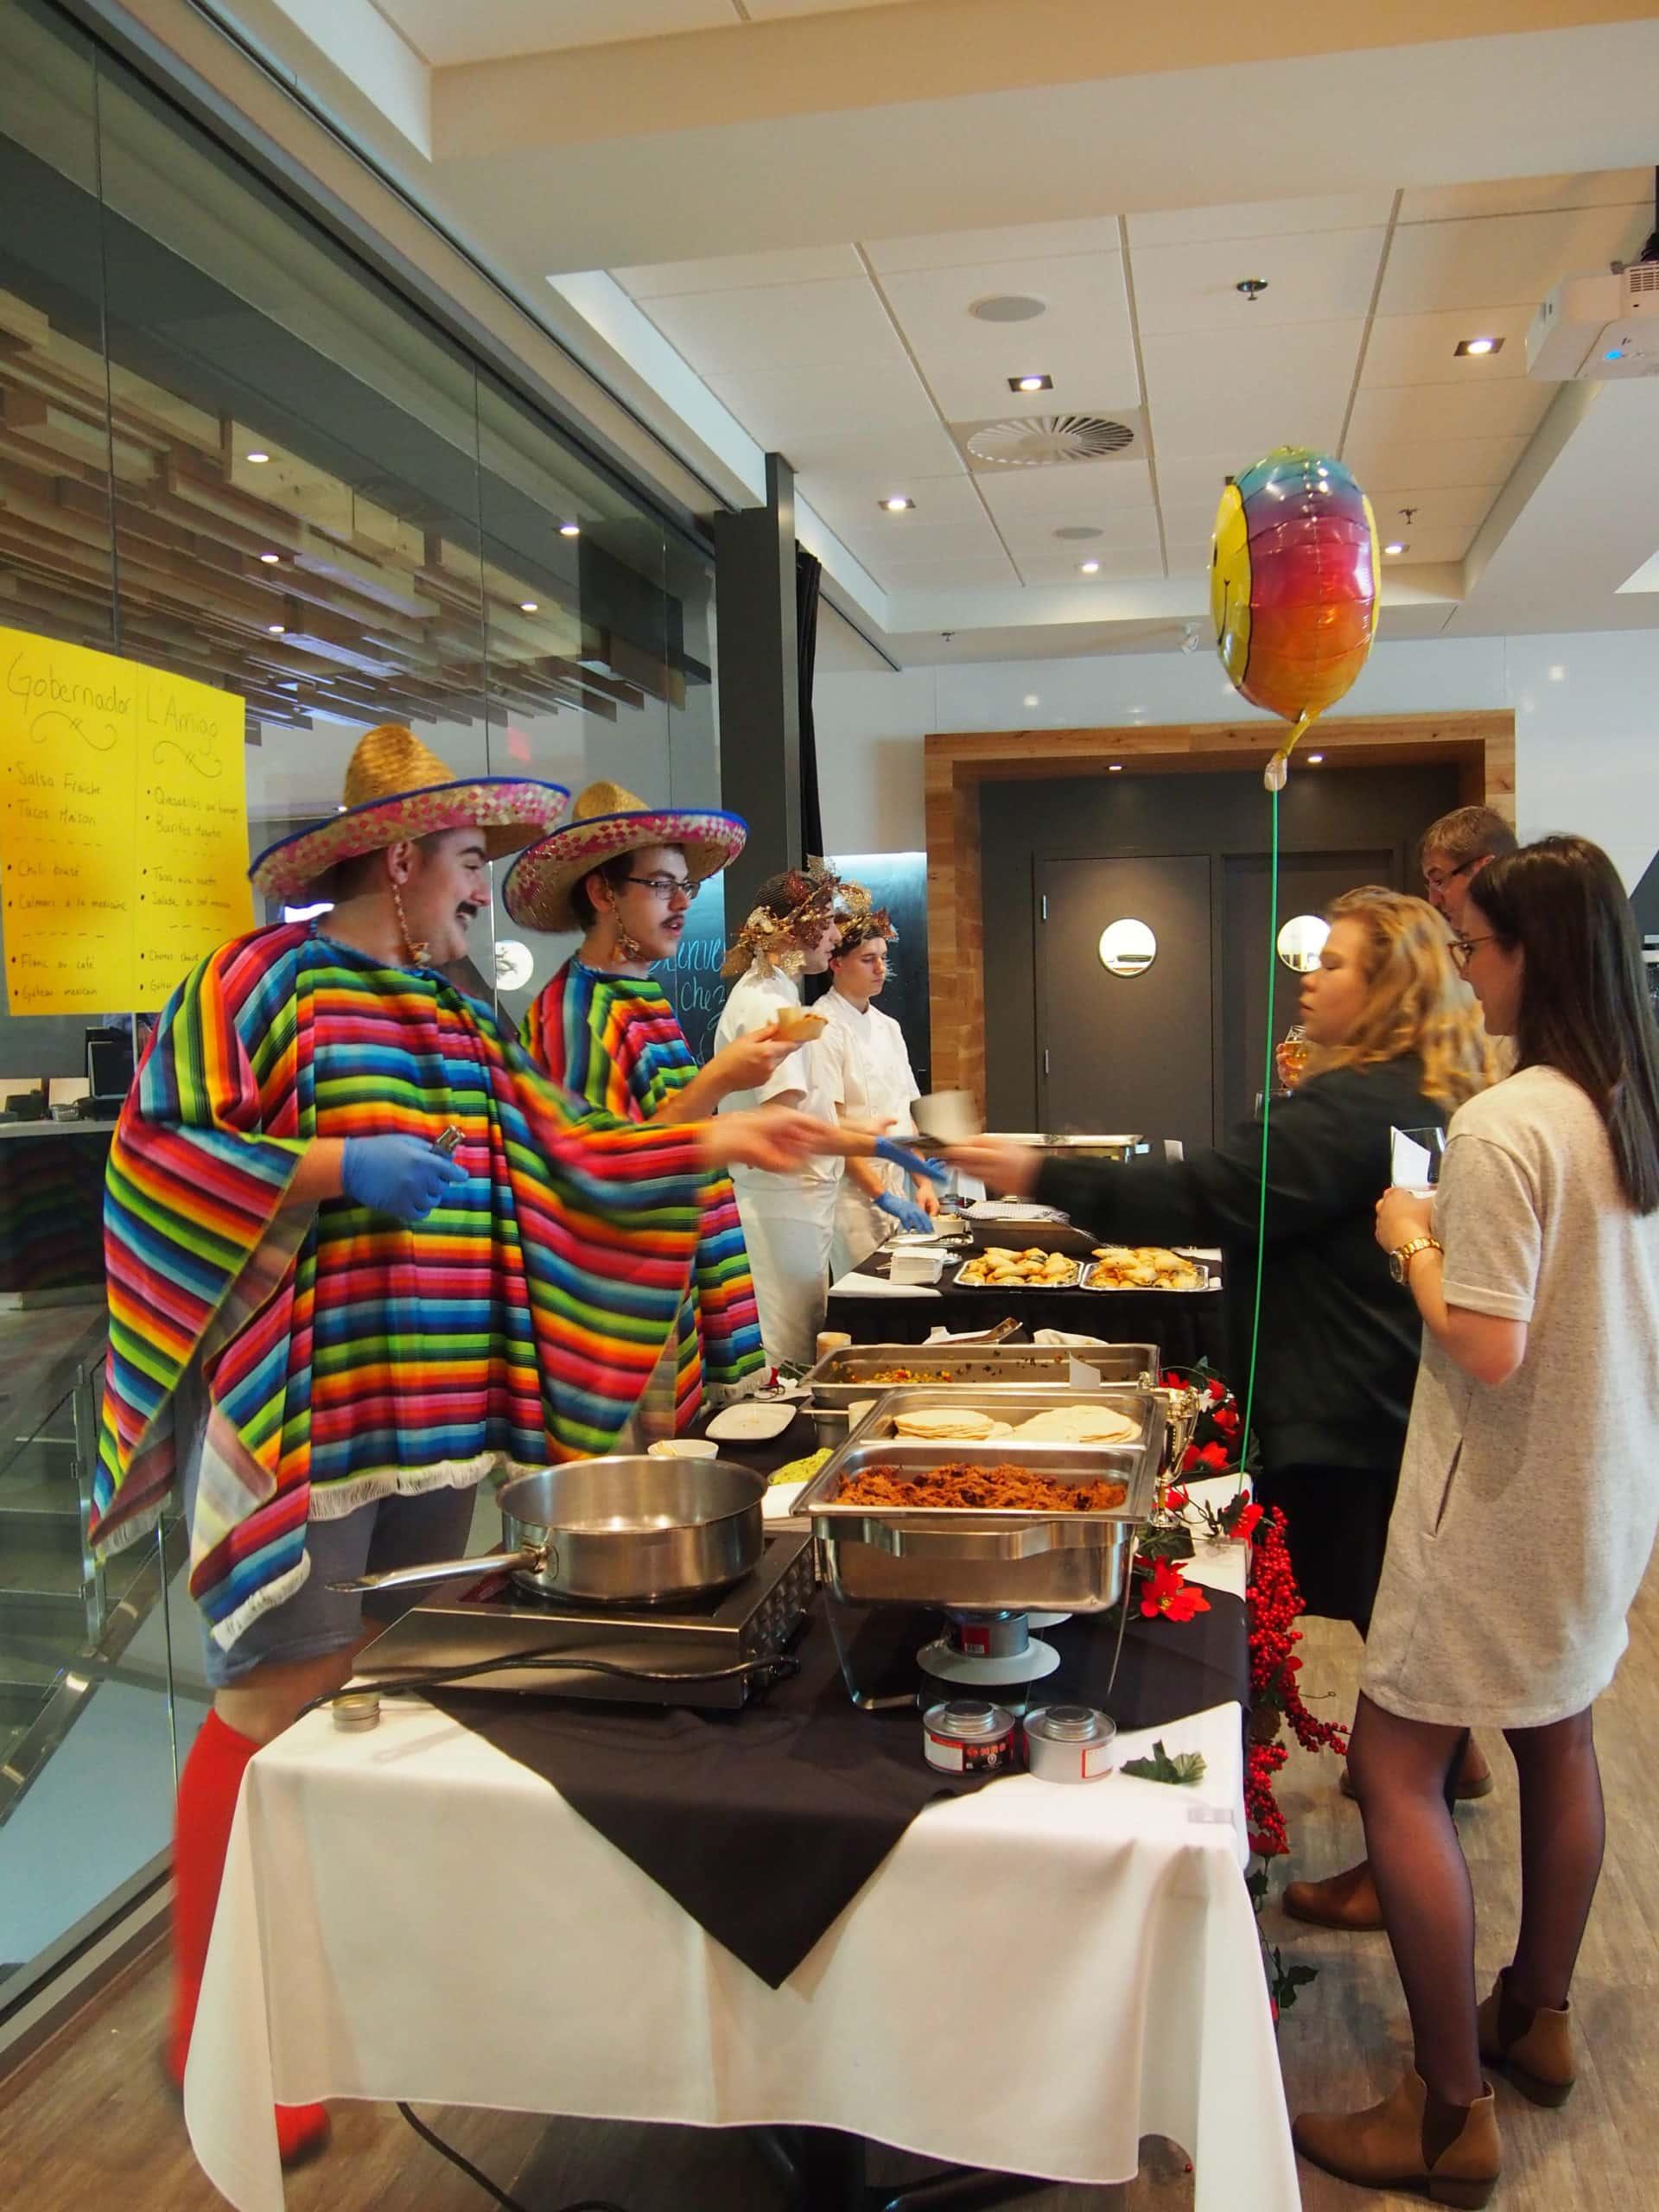 L'équipe du Mexique nous a présenté de la salsa de tomates vertes, servie avec des chips de tortillas de maïs maison. (Crédit : Valentine Laperle)